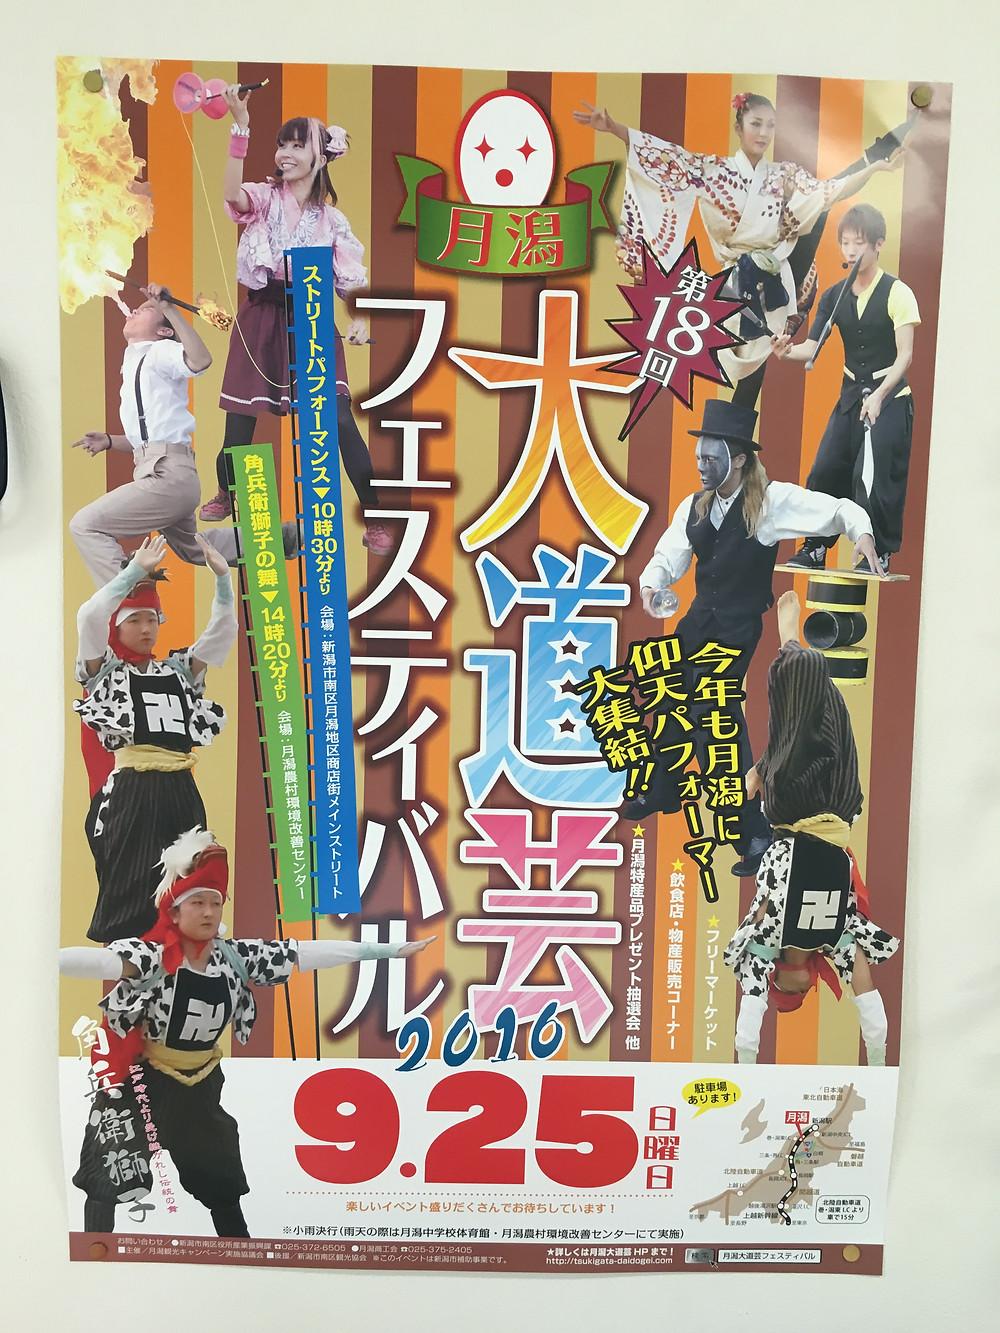 今年の大道芸フェスティバルのポスター